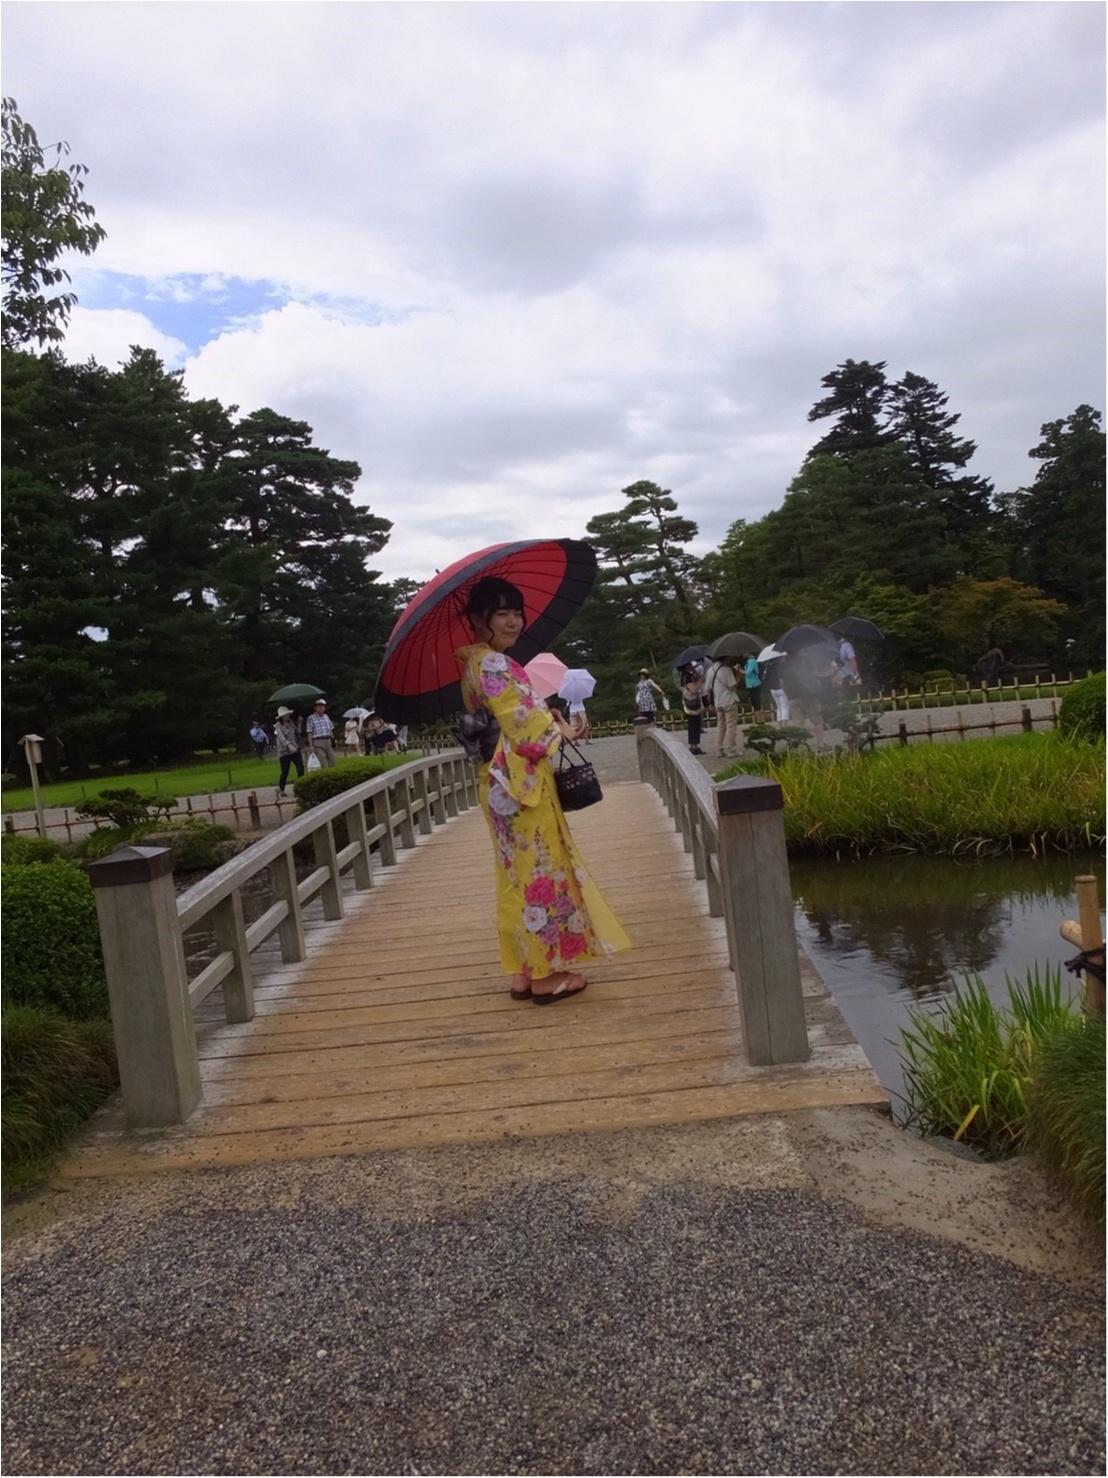 《週末金沢旅》浴衣で風情を感じながら金沢を街歩き〜兼六園・ひがし茶屋街〜♡*_4